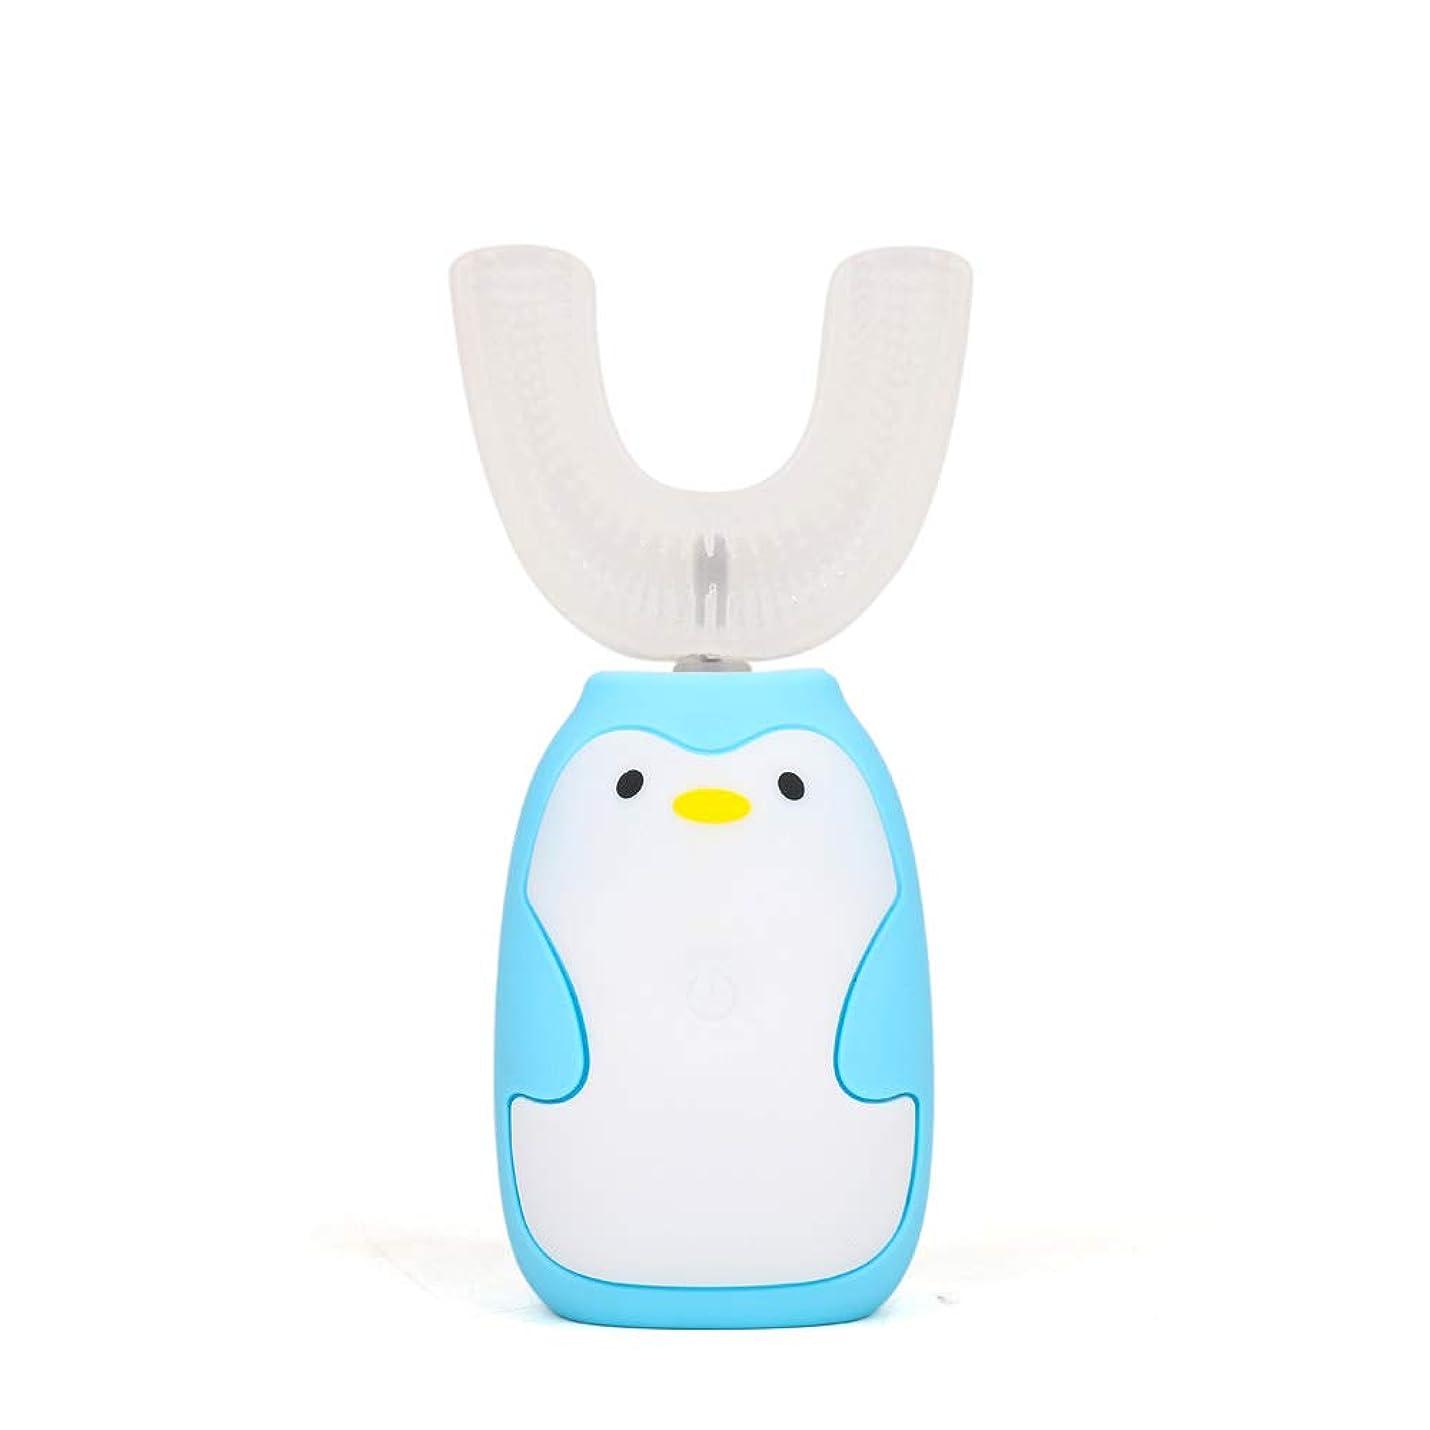 子供用電動歯ブラシ、U型超音波充電2-12歳のインテリジェント自動歯ブラシ